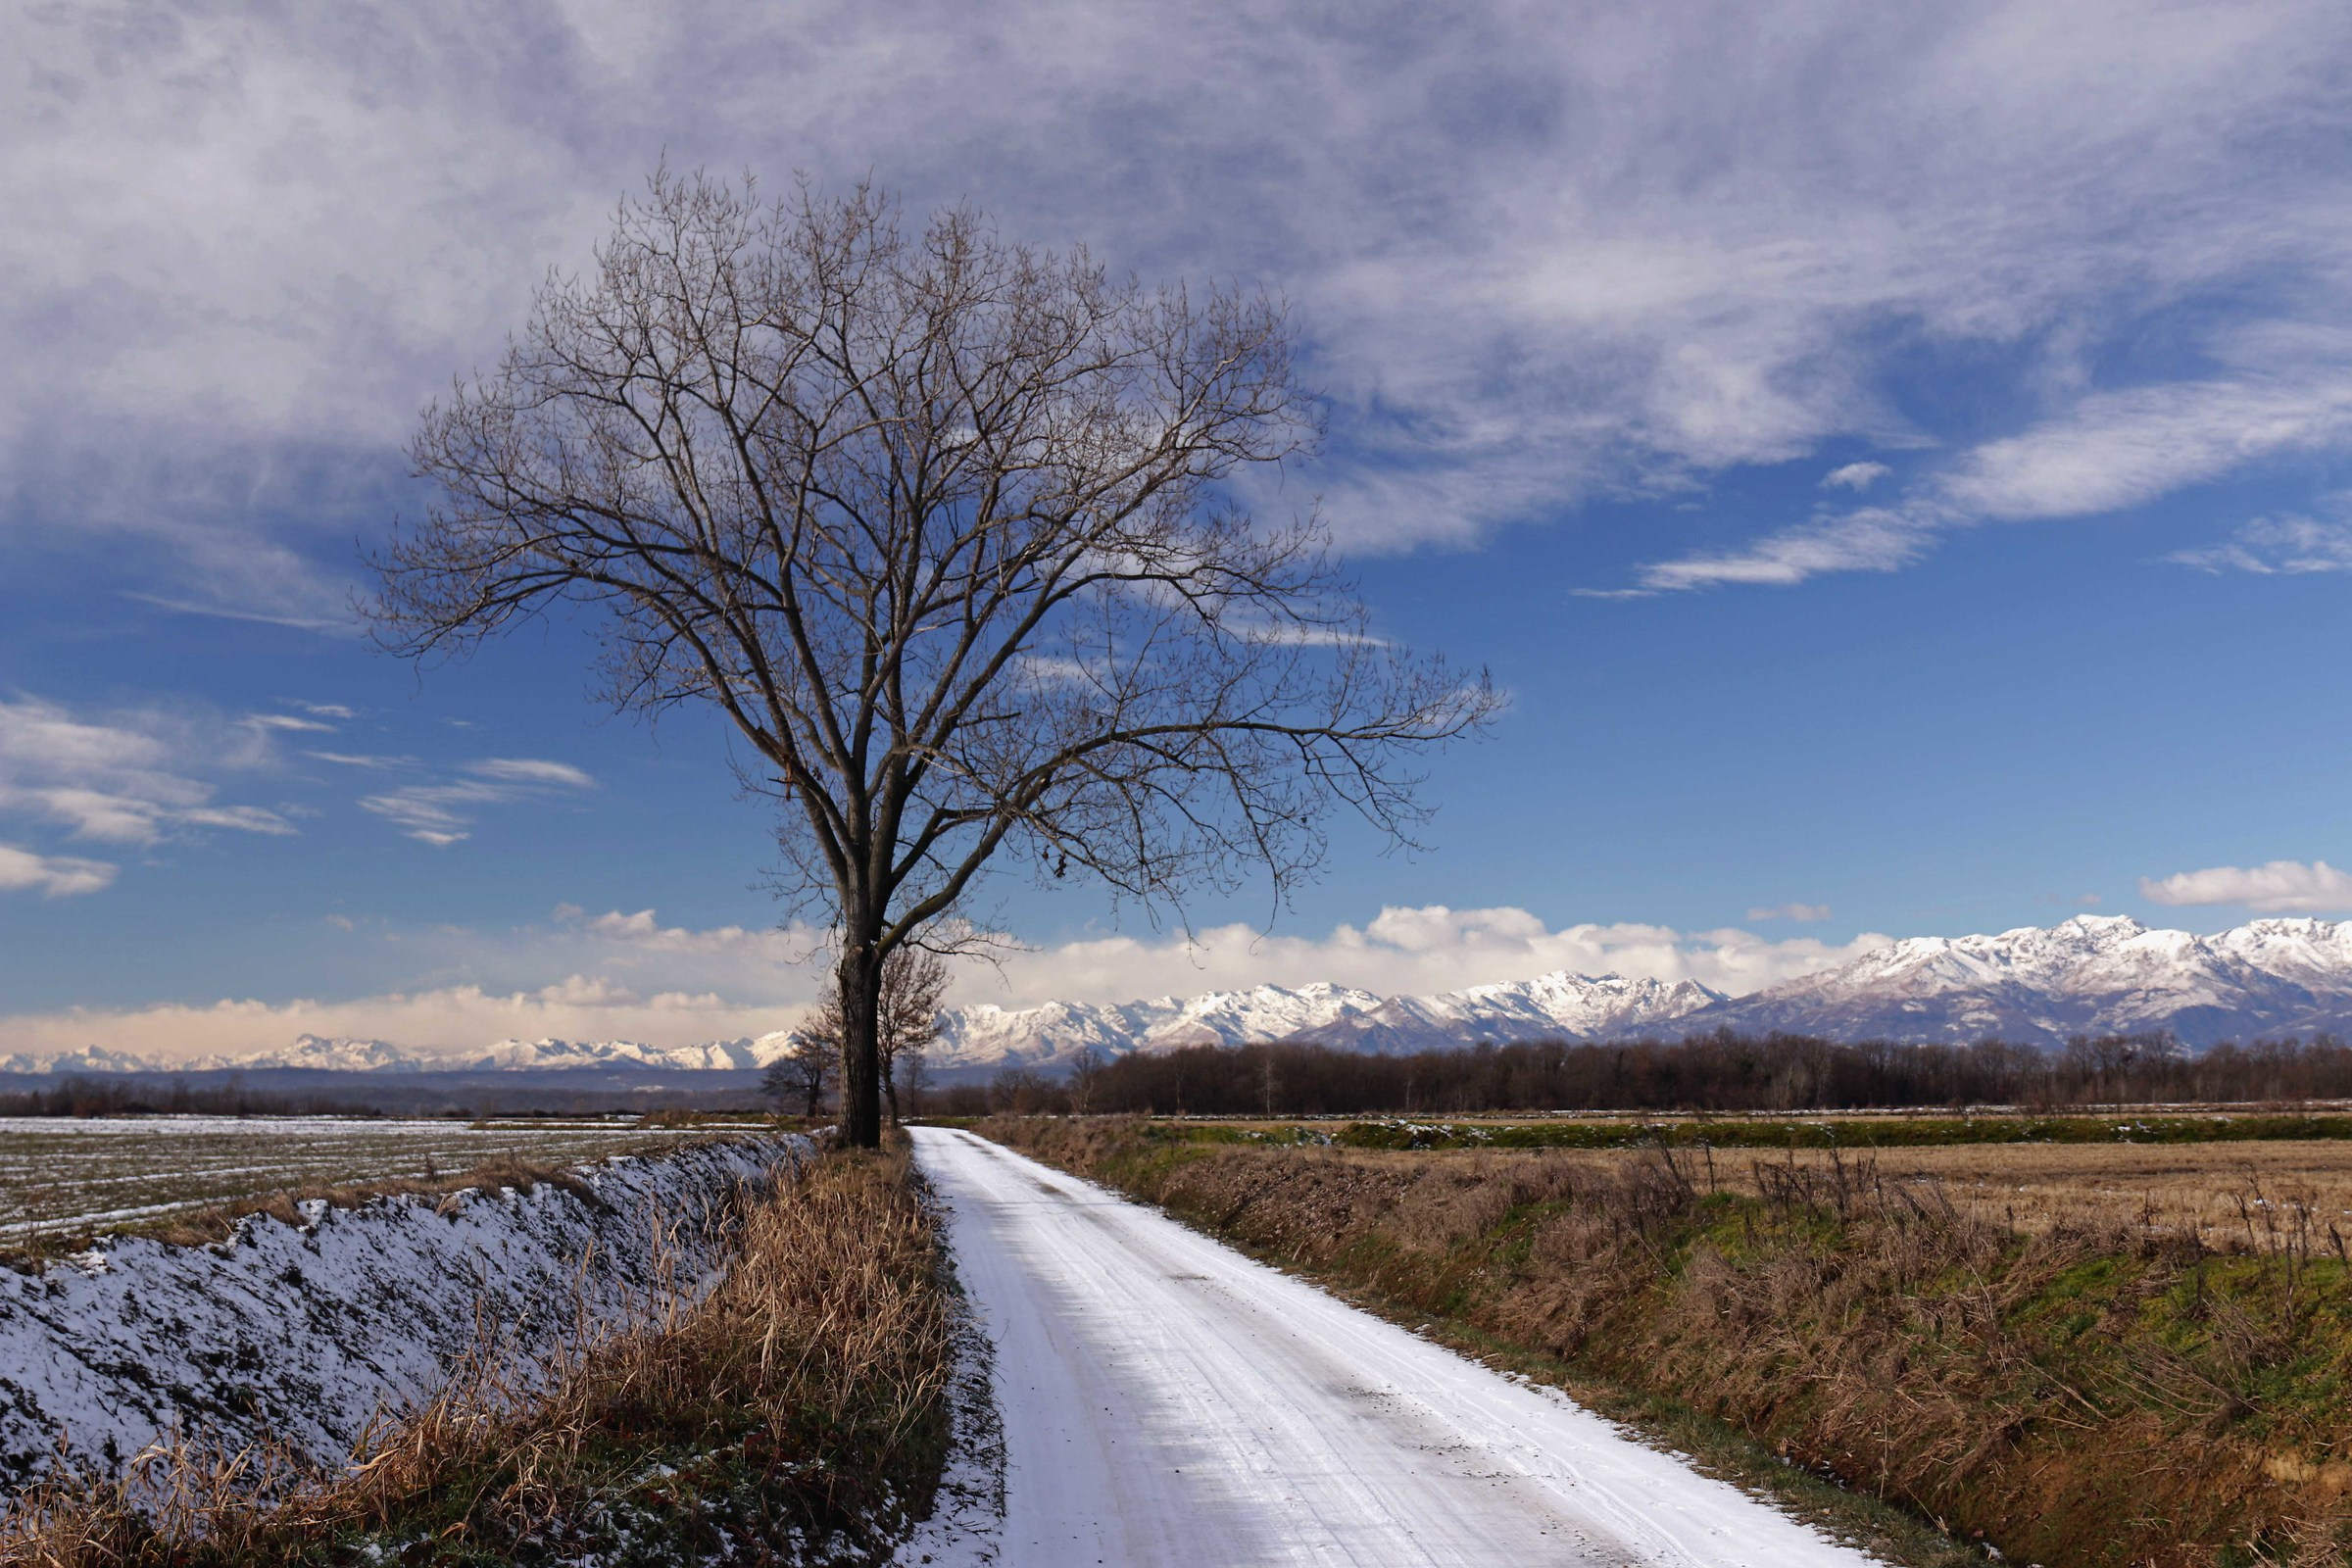 Morning winter '...